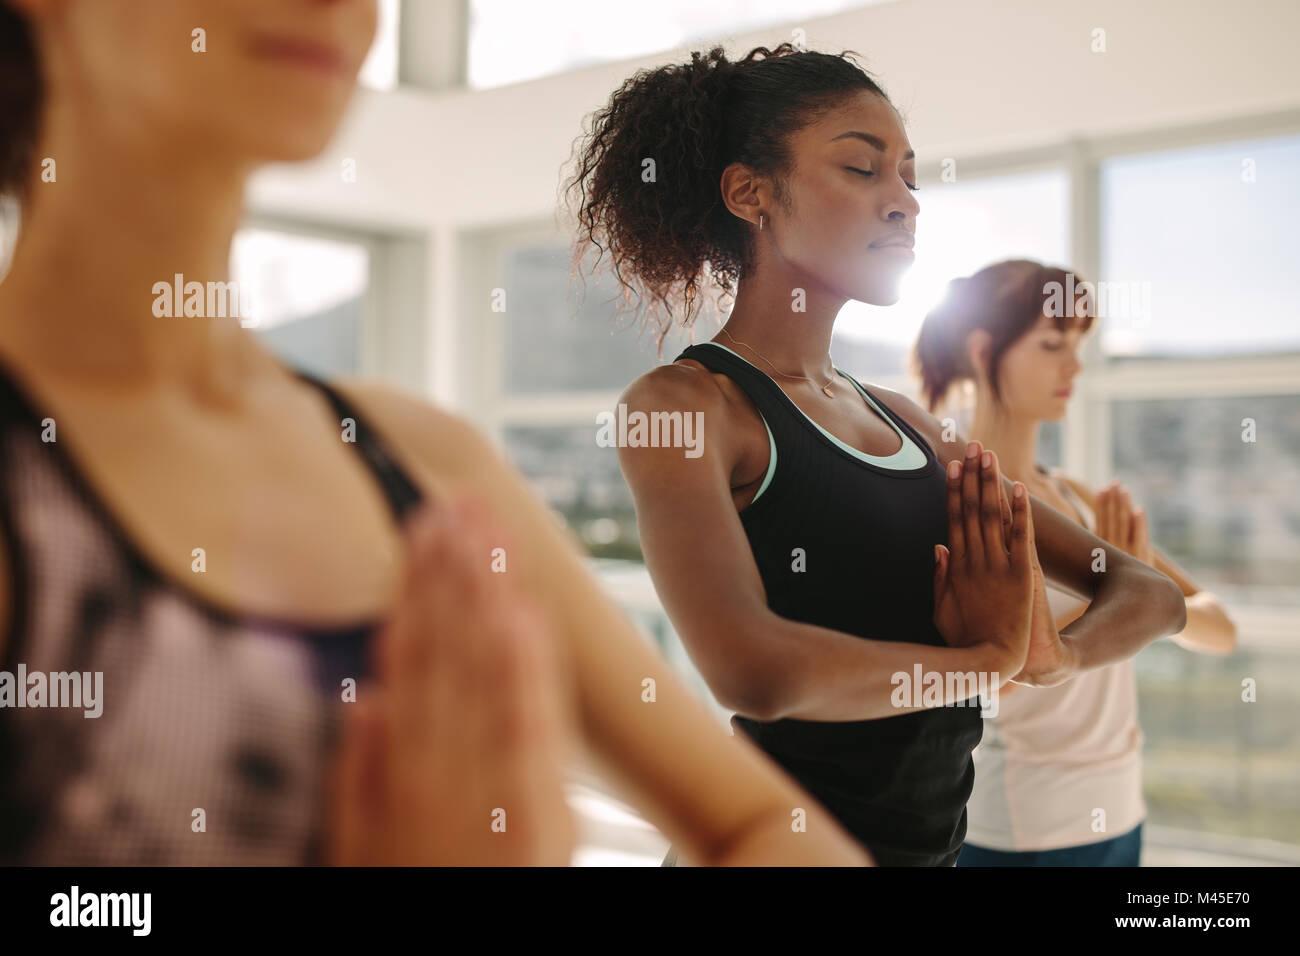 Jeune femme fit pratiquer le yoga avec des amis. Femme Fitness le yoga la méditation à l'intérieur en cours de gymnastique. Banque D'Images